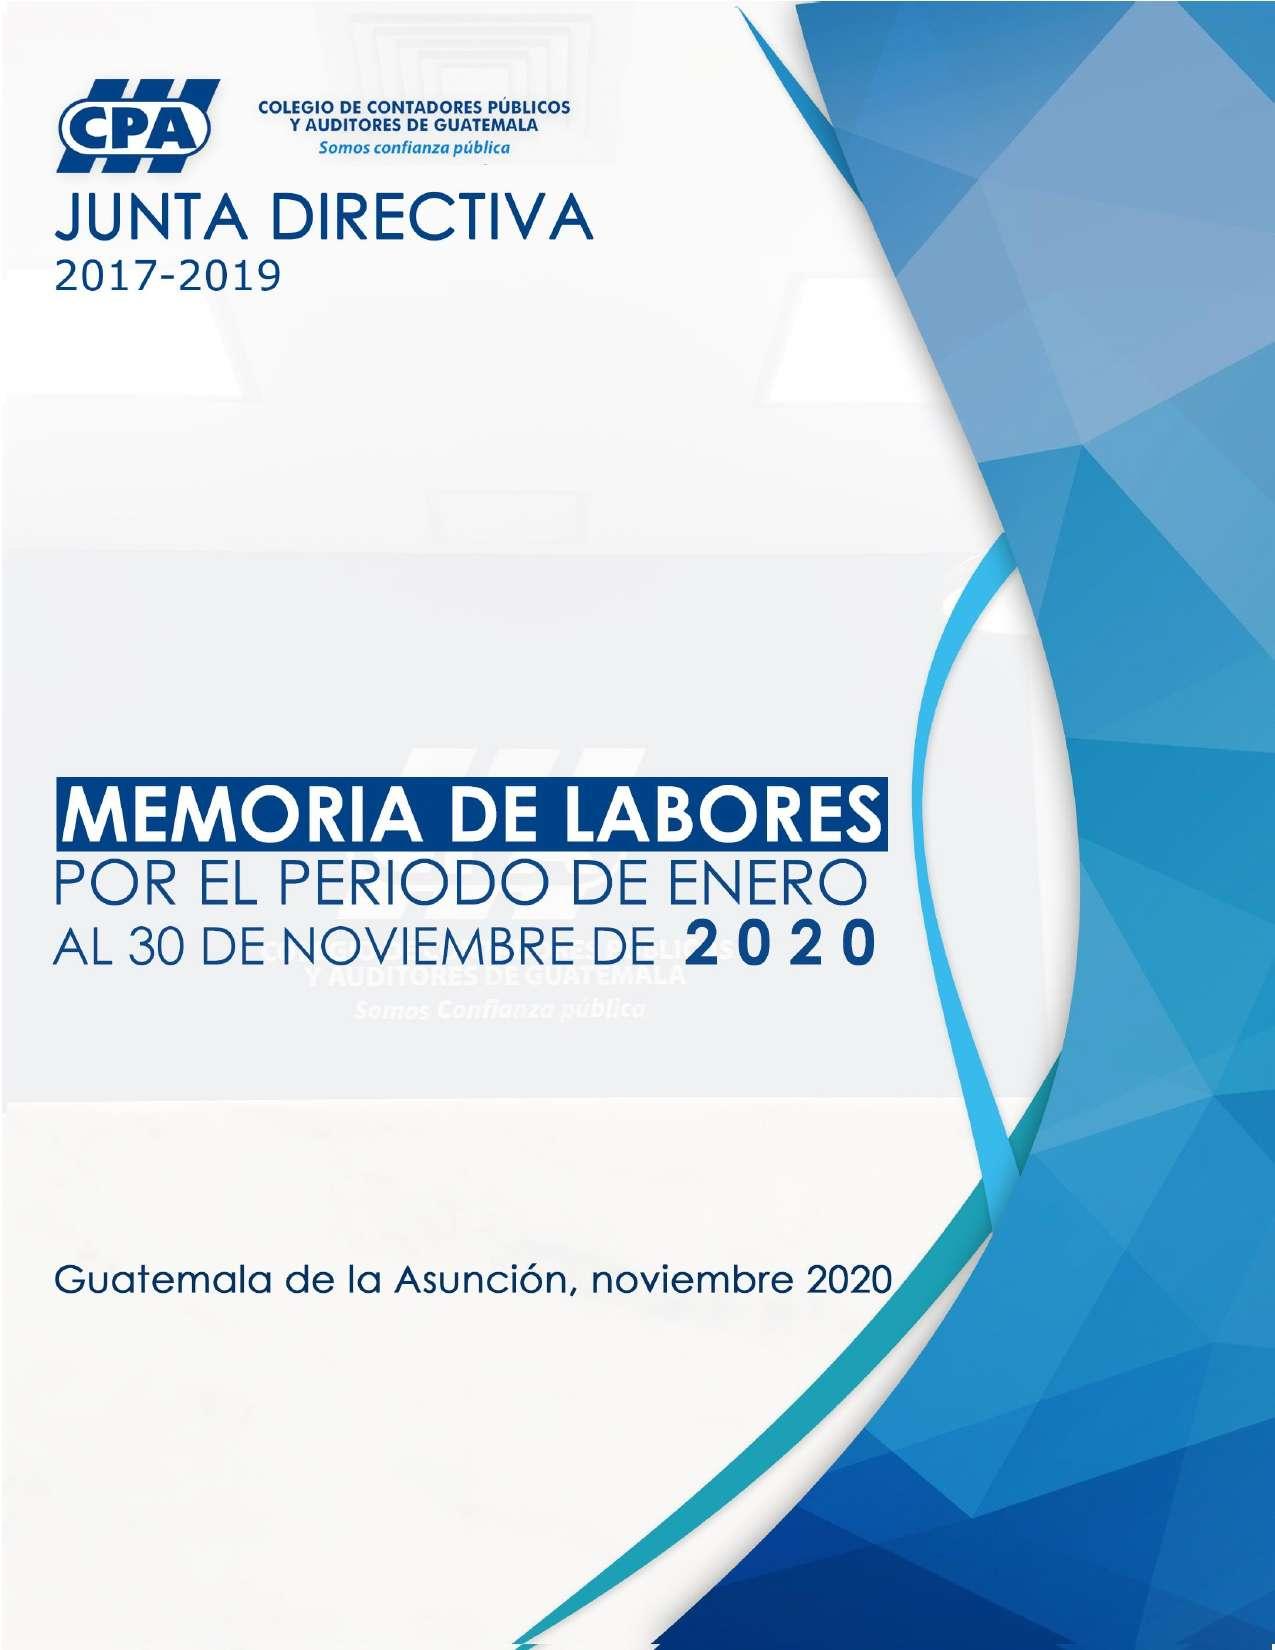 MEMORIA DE LABORES AL 30 DE NOVIEMBRE DE 2020